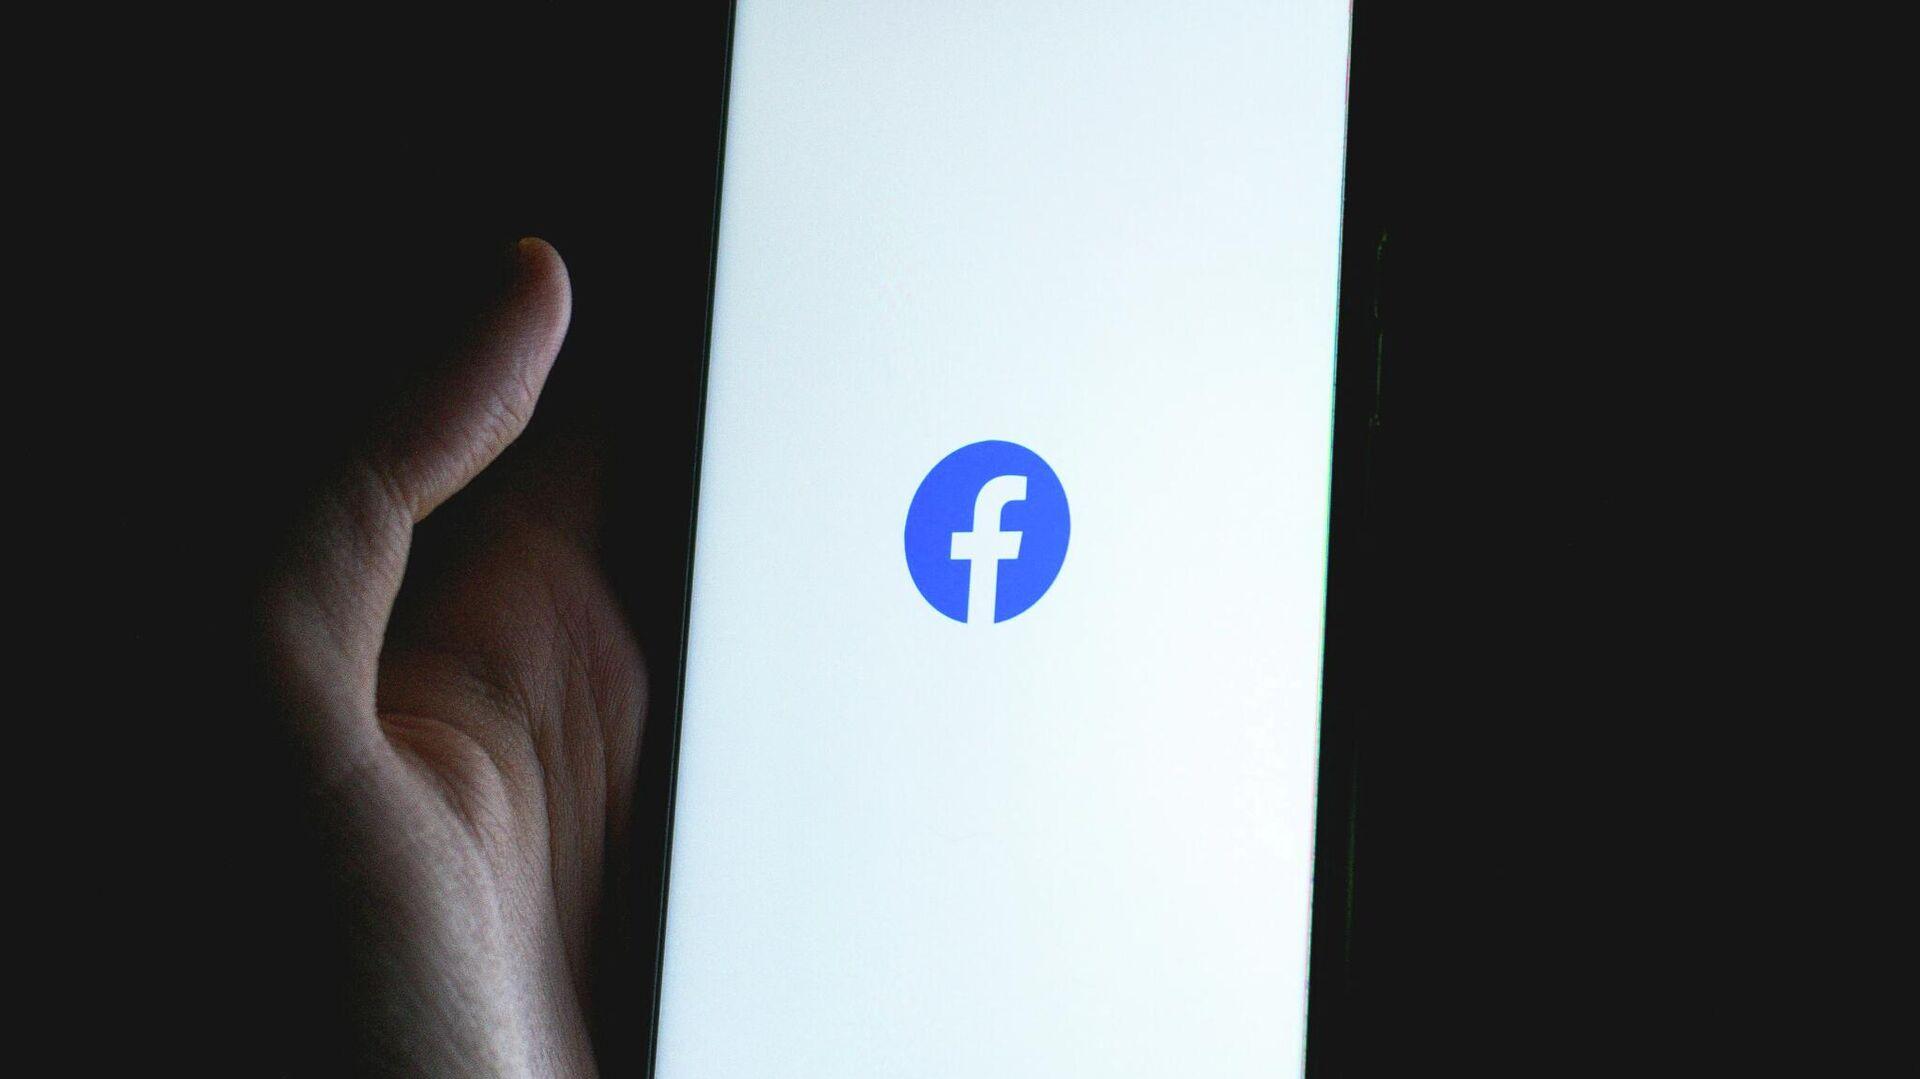 Una persona sostiene un teléfono con el logotipo de Facebook - Sputnik Mundo, 1920, 15.09.2021